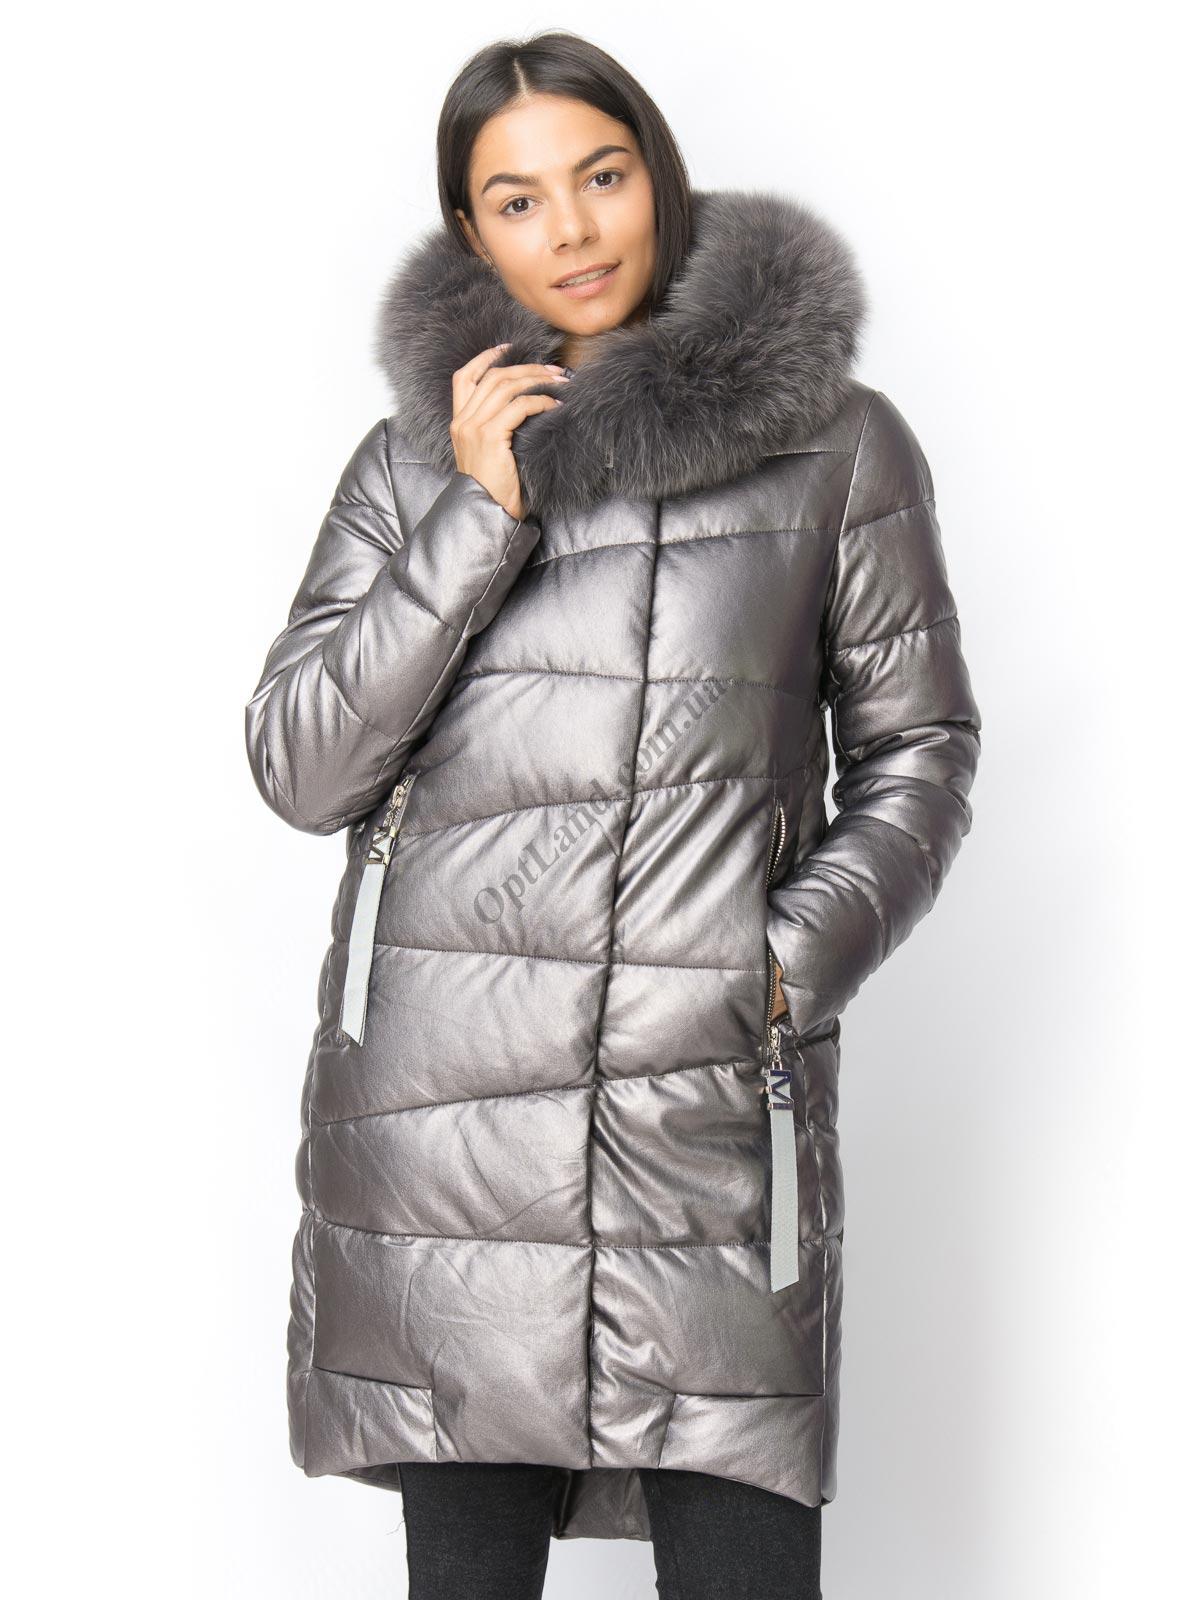 Зимняя куртка Lims 18-207 из экокожи